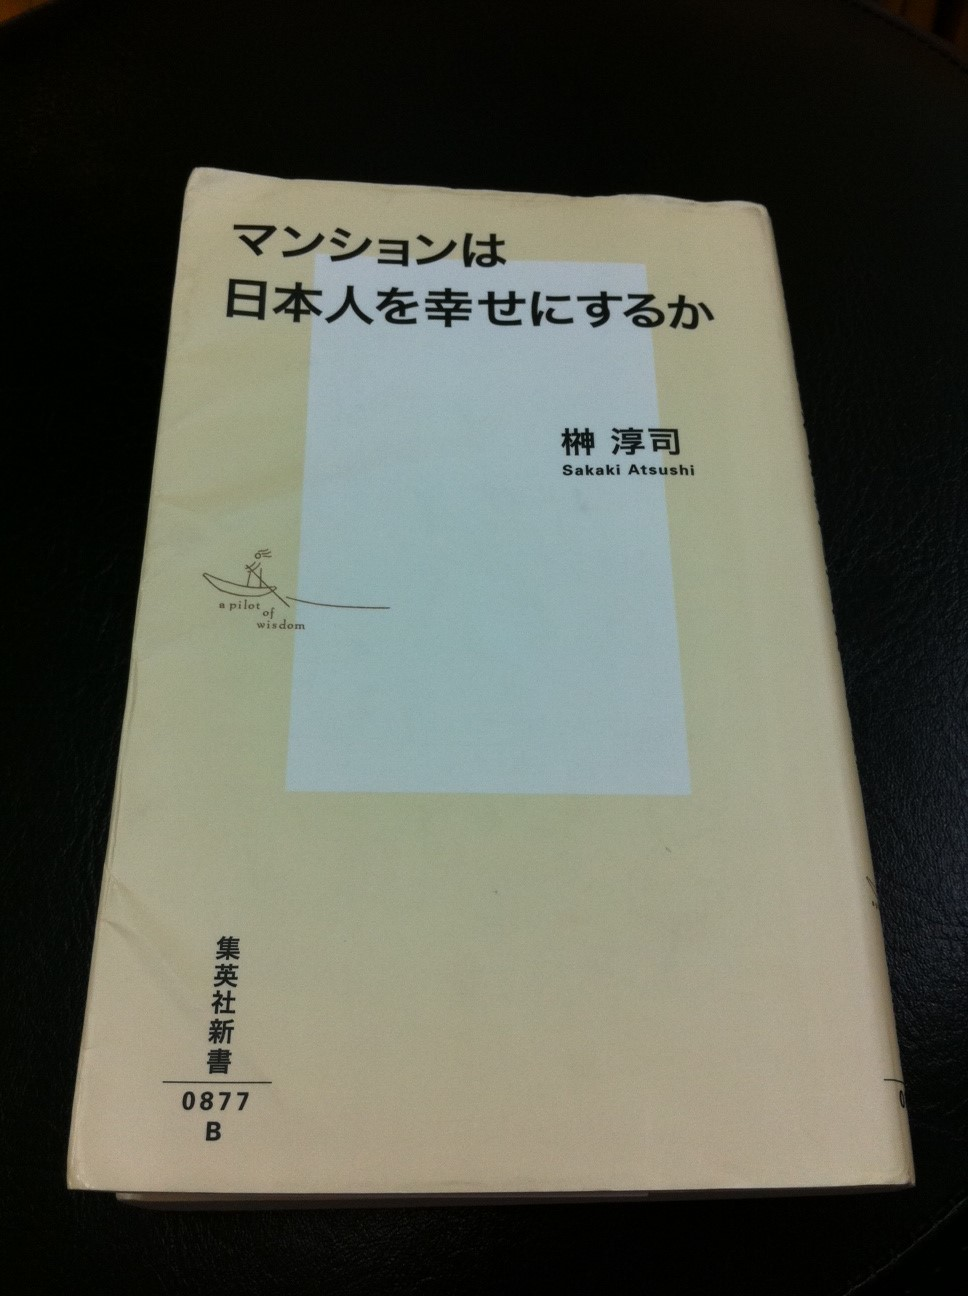 榊氏 著書